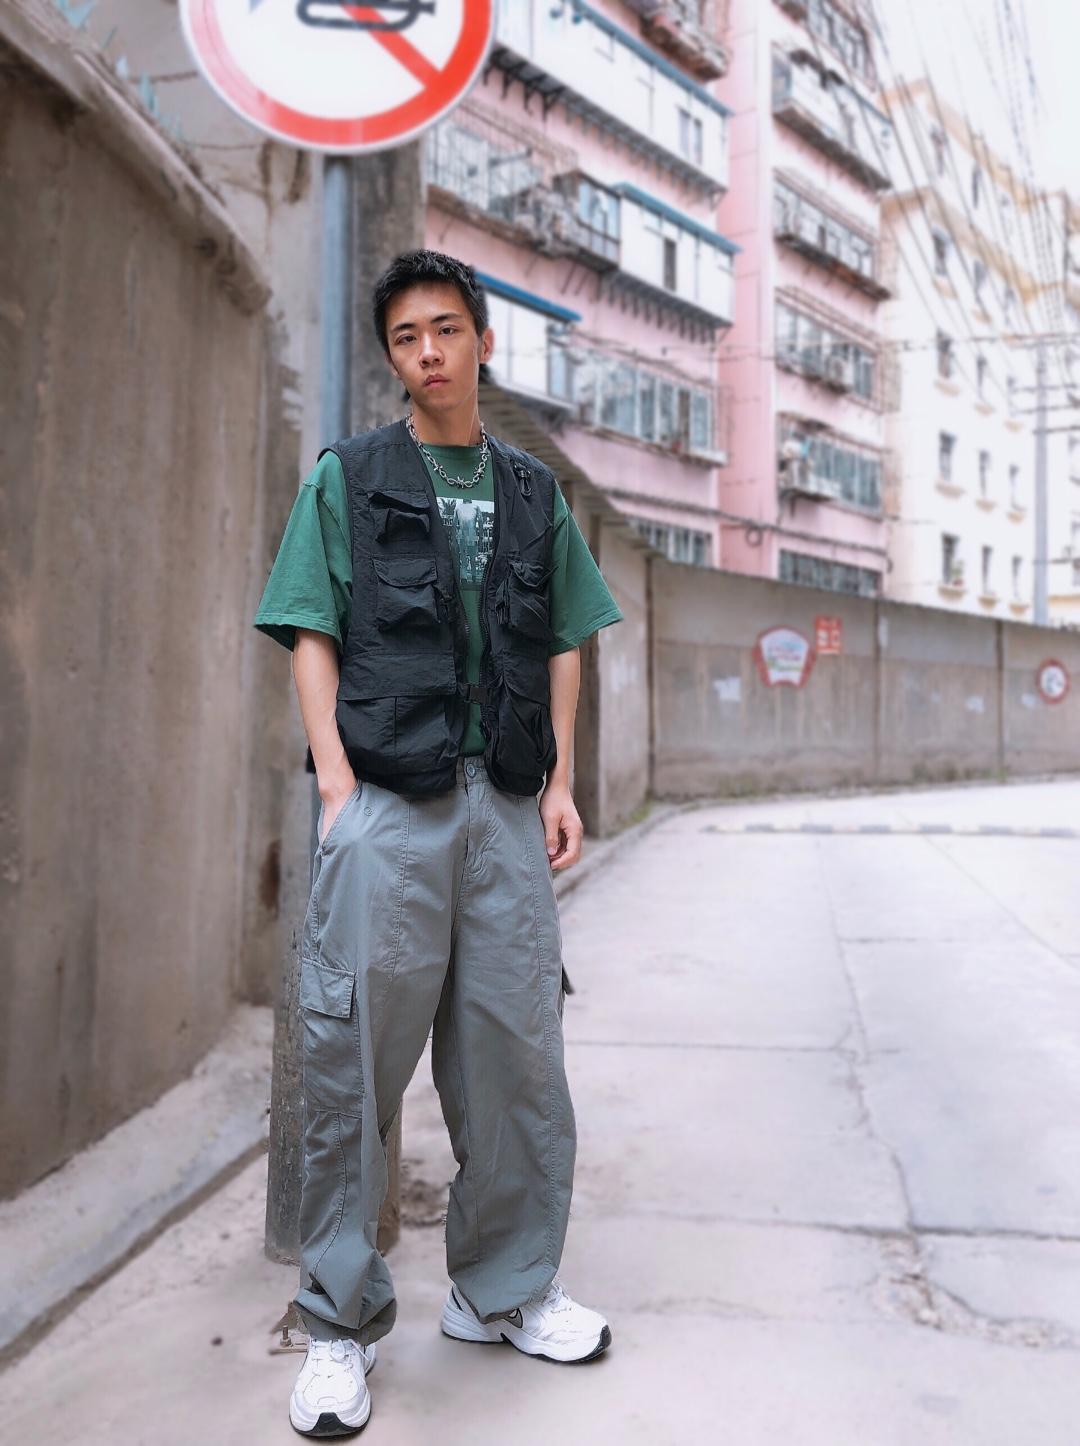 上衣:1807 马甲:GLOWING STUDIO 裤子:proteus 鞋子:Nike  喜欢随意的穿搭方式,不被局限,上衣选择了1807的绿色短袖,宽松舒适,增加上身的层次感,用GLOWING STUDIO的技能马甲去营造,内置的网面结构夏天穿也比较透气,裤子的话就迎合上衣也是淡绿色的的色调,鞋子还是比较经典的老爹鞋,整体还是偏港风工装的一个效果,舒适凉爽两不误。#减肥太太太难,显瘦套装最见效!#